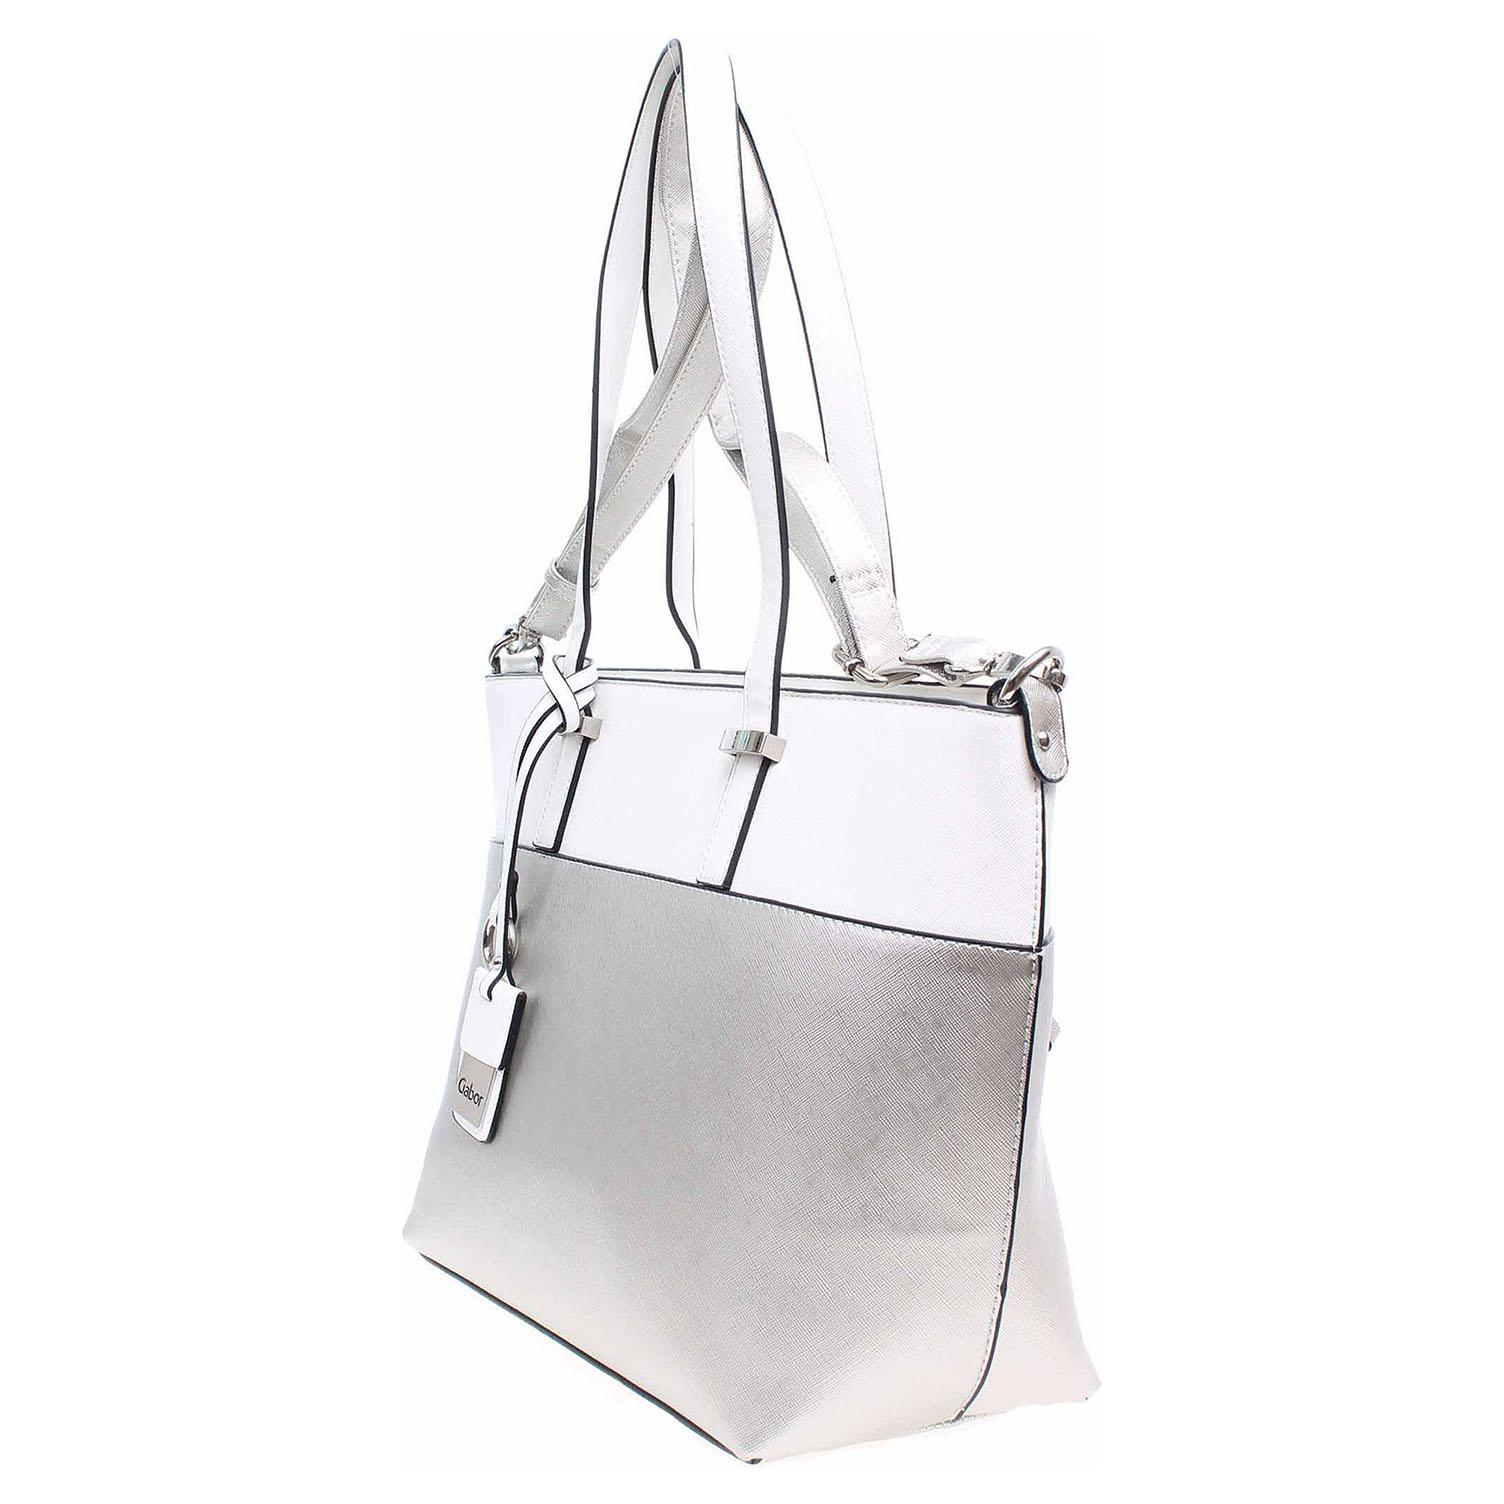 Ecco Gabor dámská kabelka 7635 14 Tivoli stříbrná 11891173